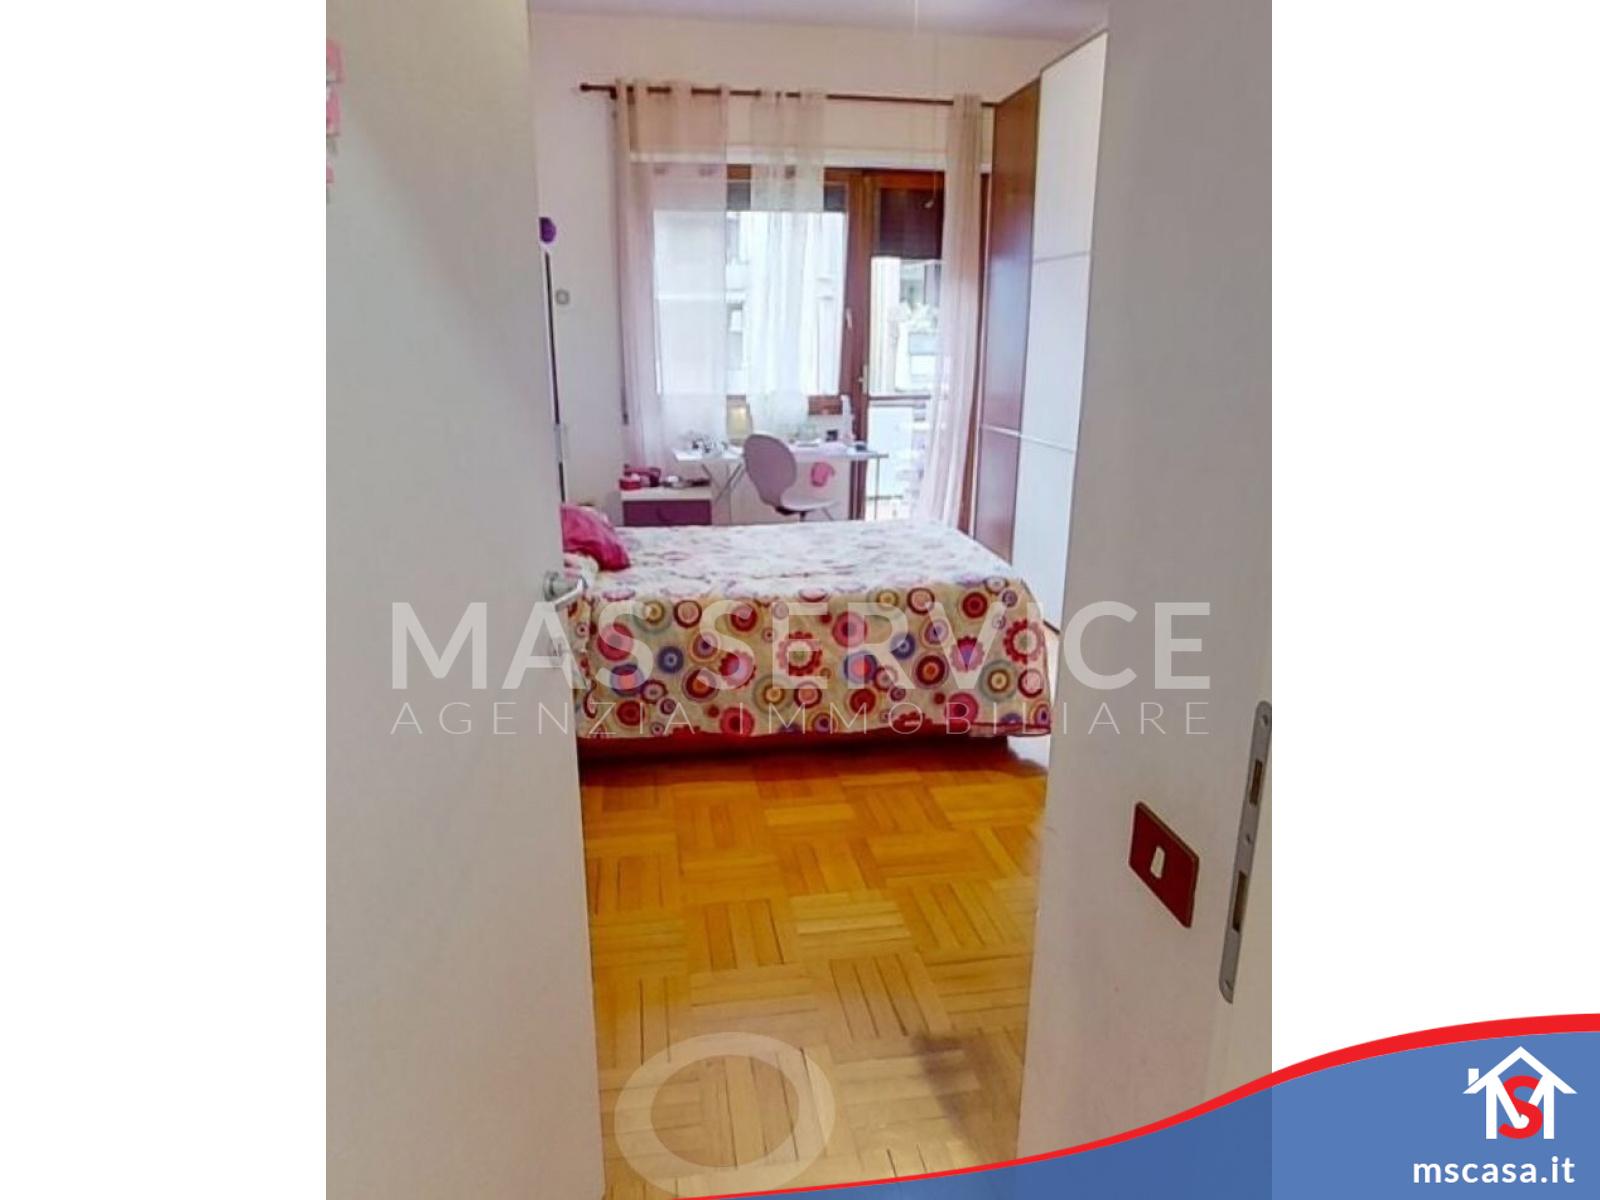 Quadrilocale in vendita zona Montagnola a Roma Vista 2 Camera